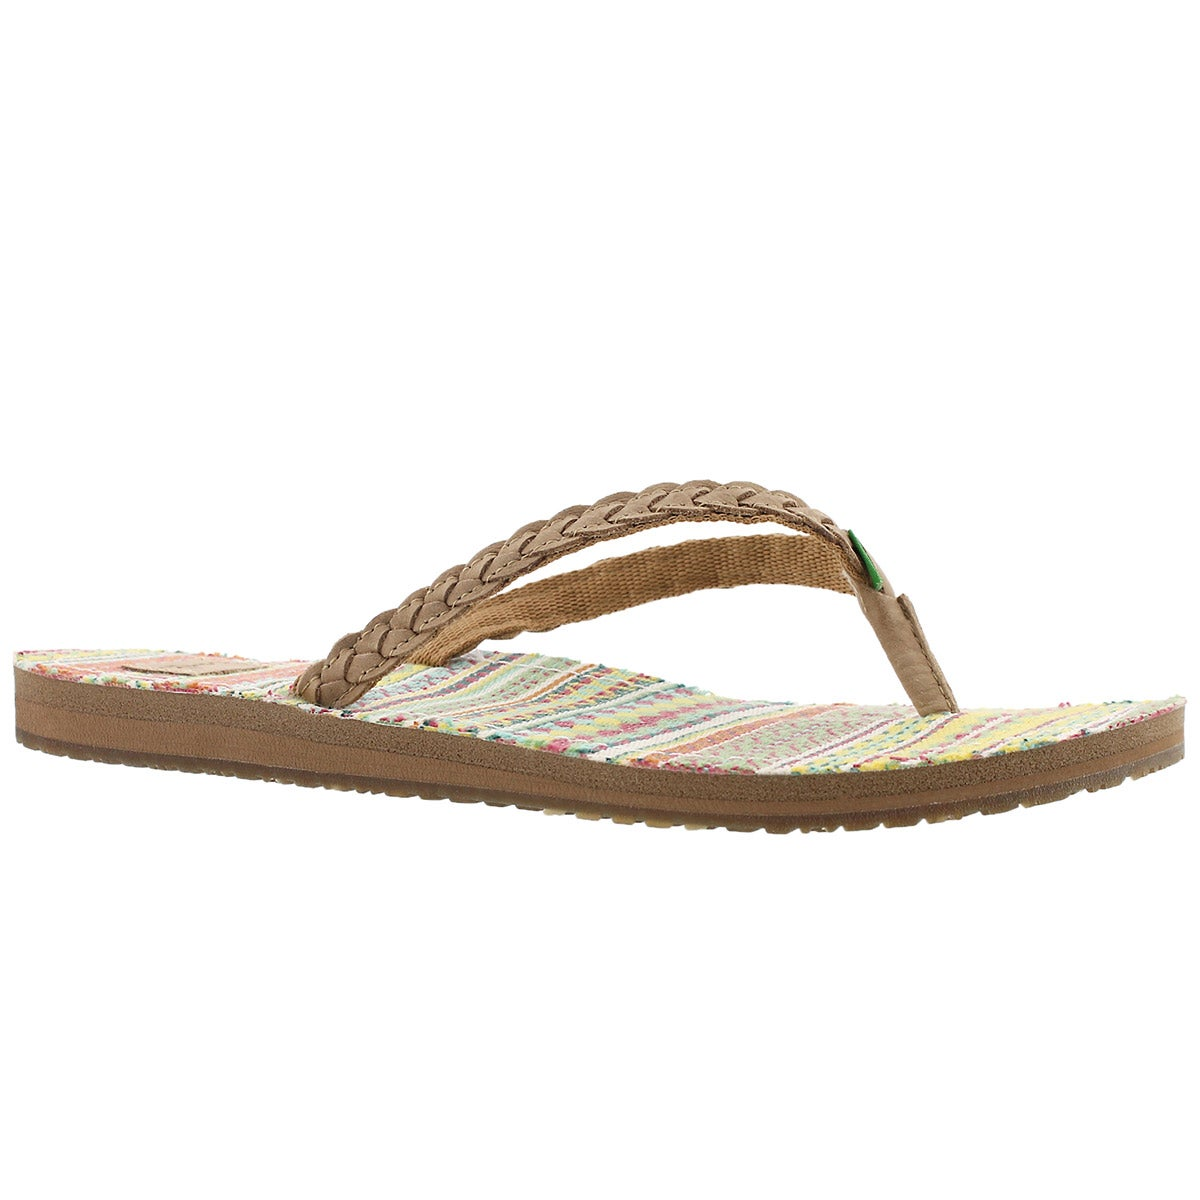 Women's YOGA PONCHO VIVA sand/citrus flip flops